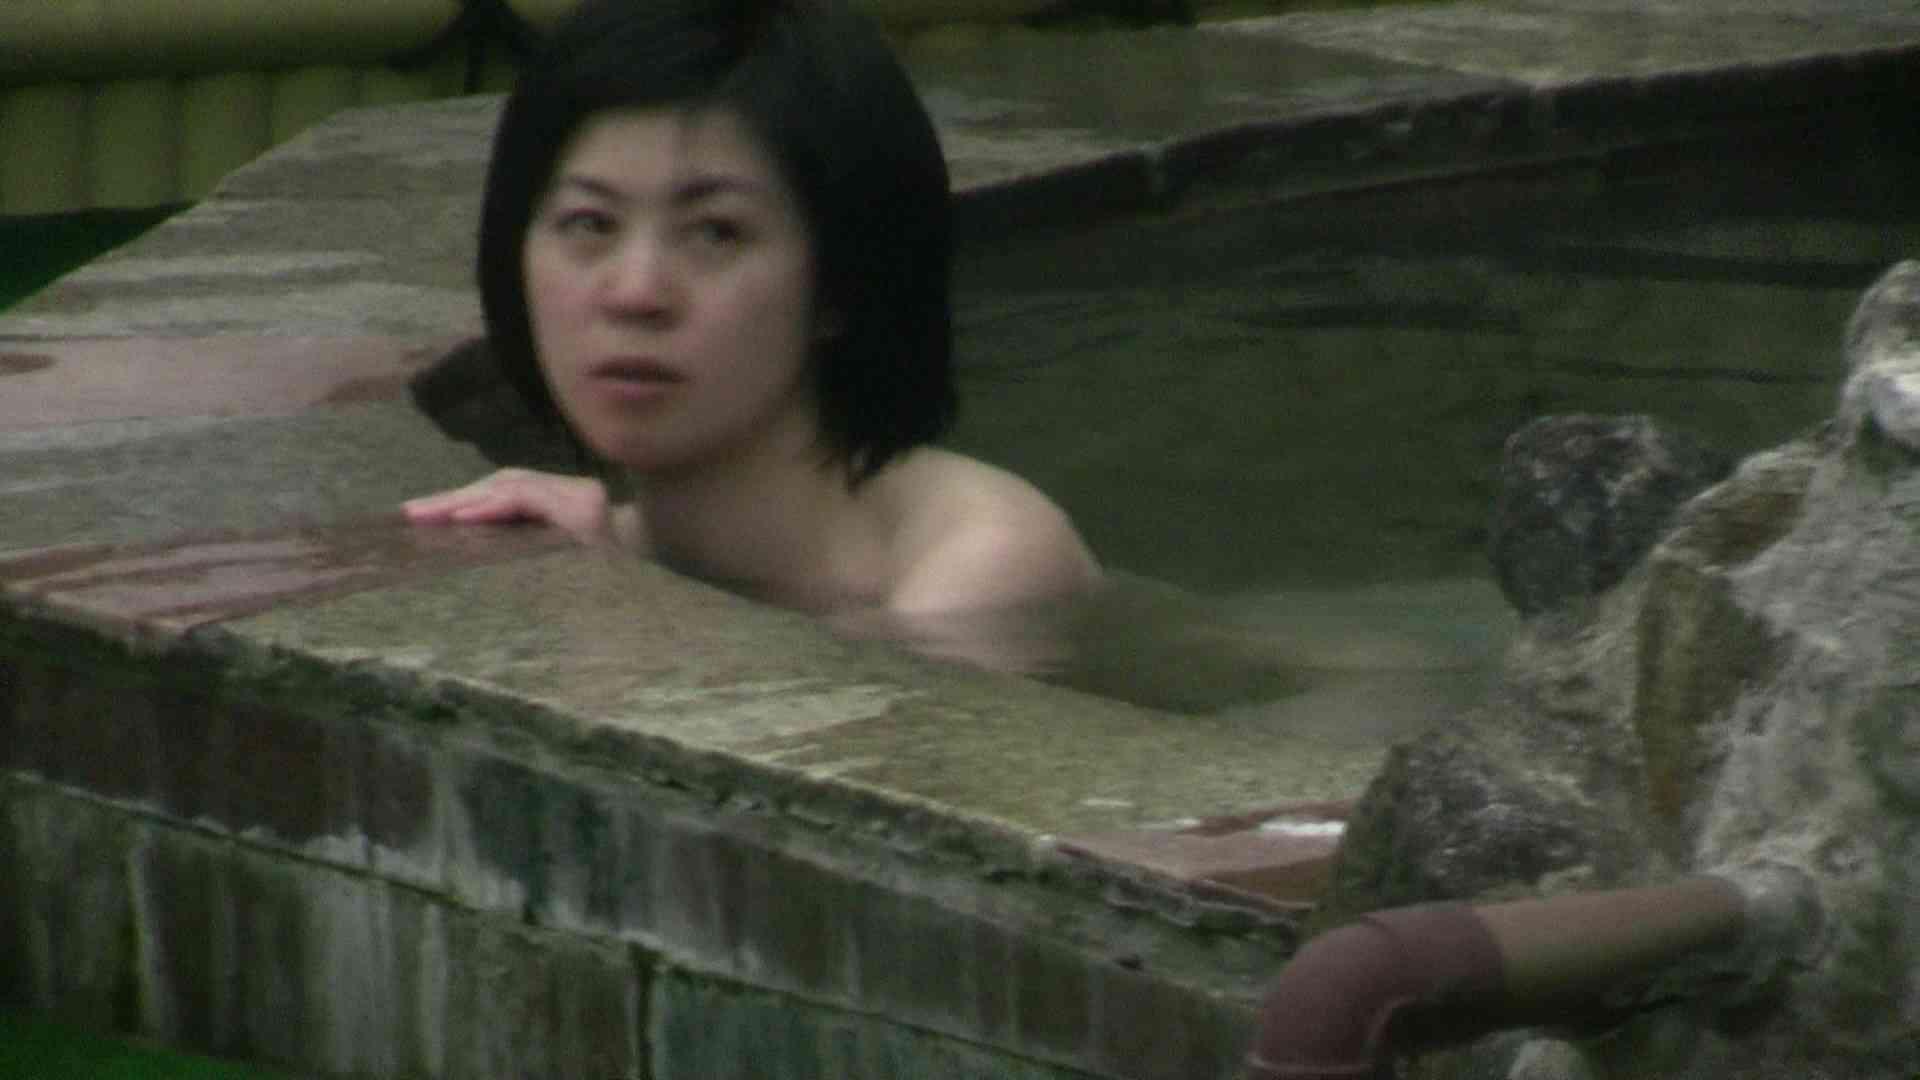 Aquaな露天風呂Vol.685 盗撮シリーズ  95PIX 46